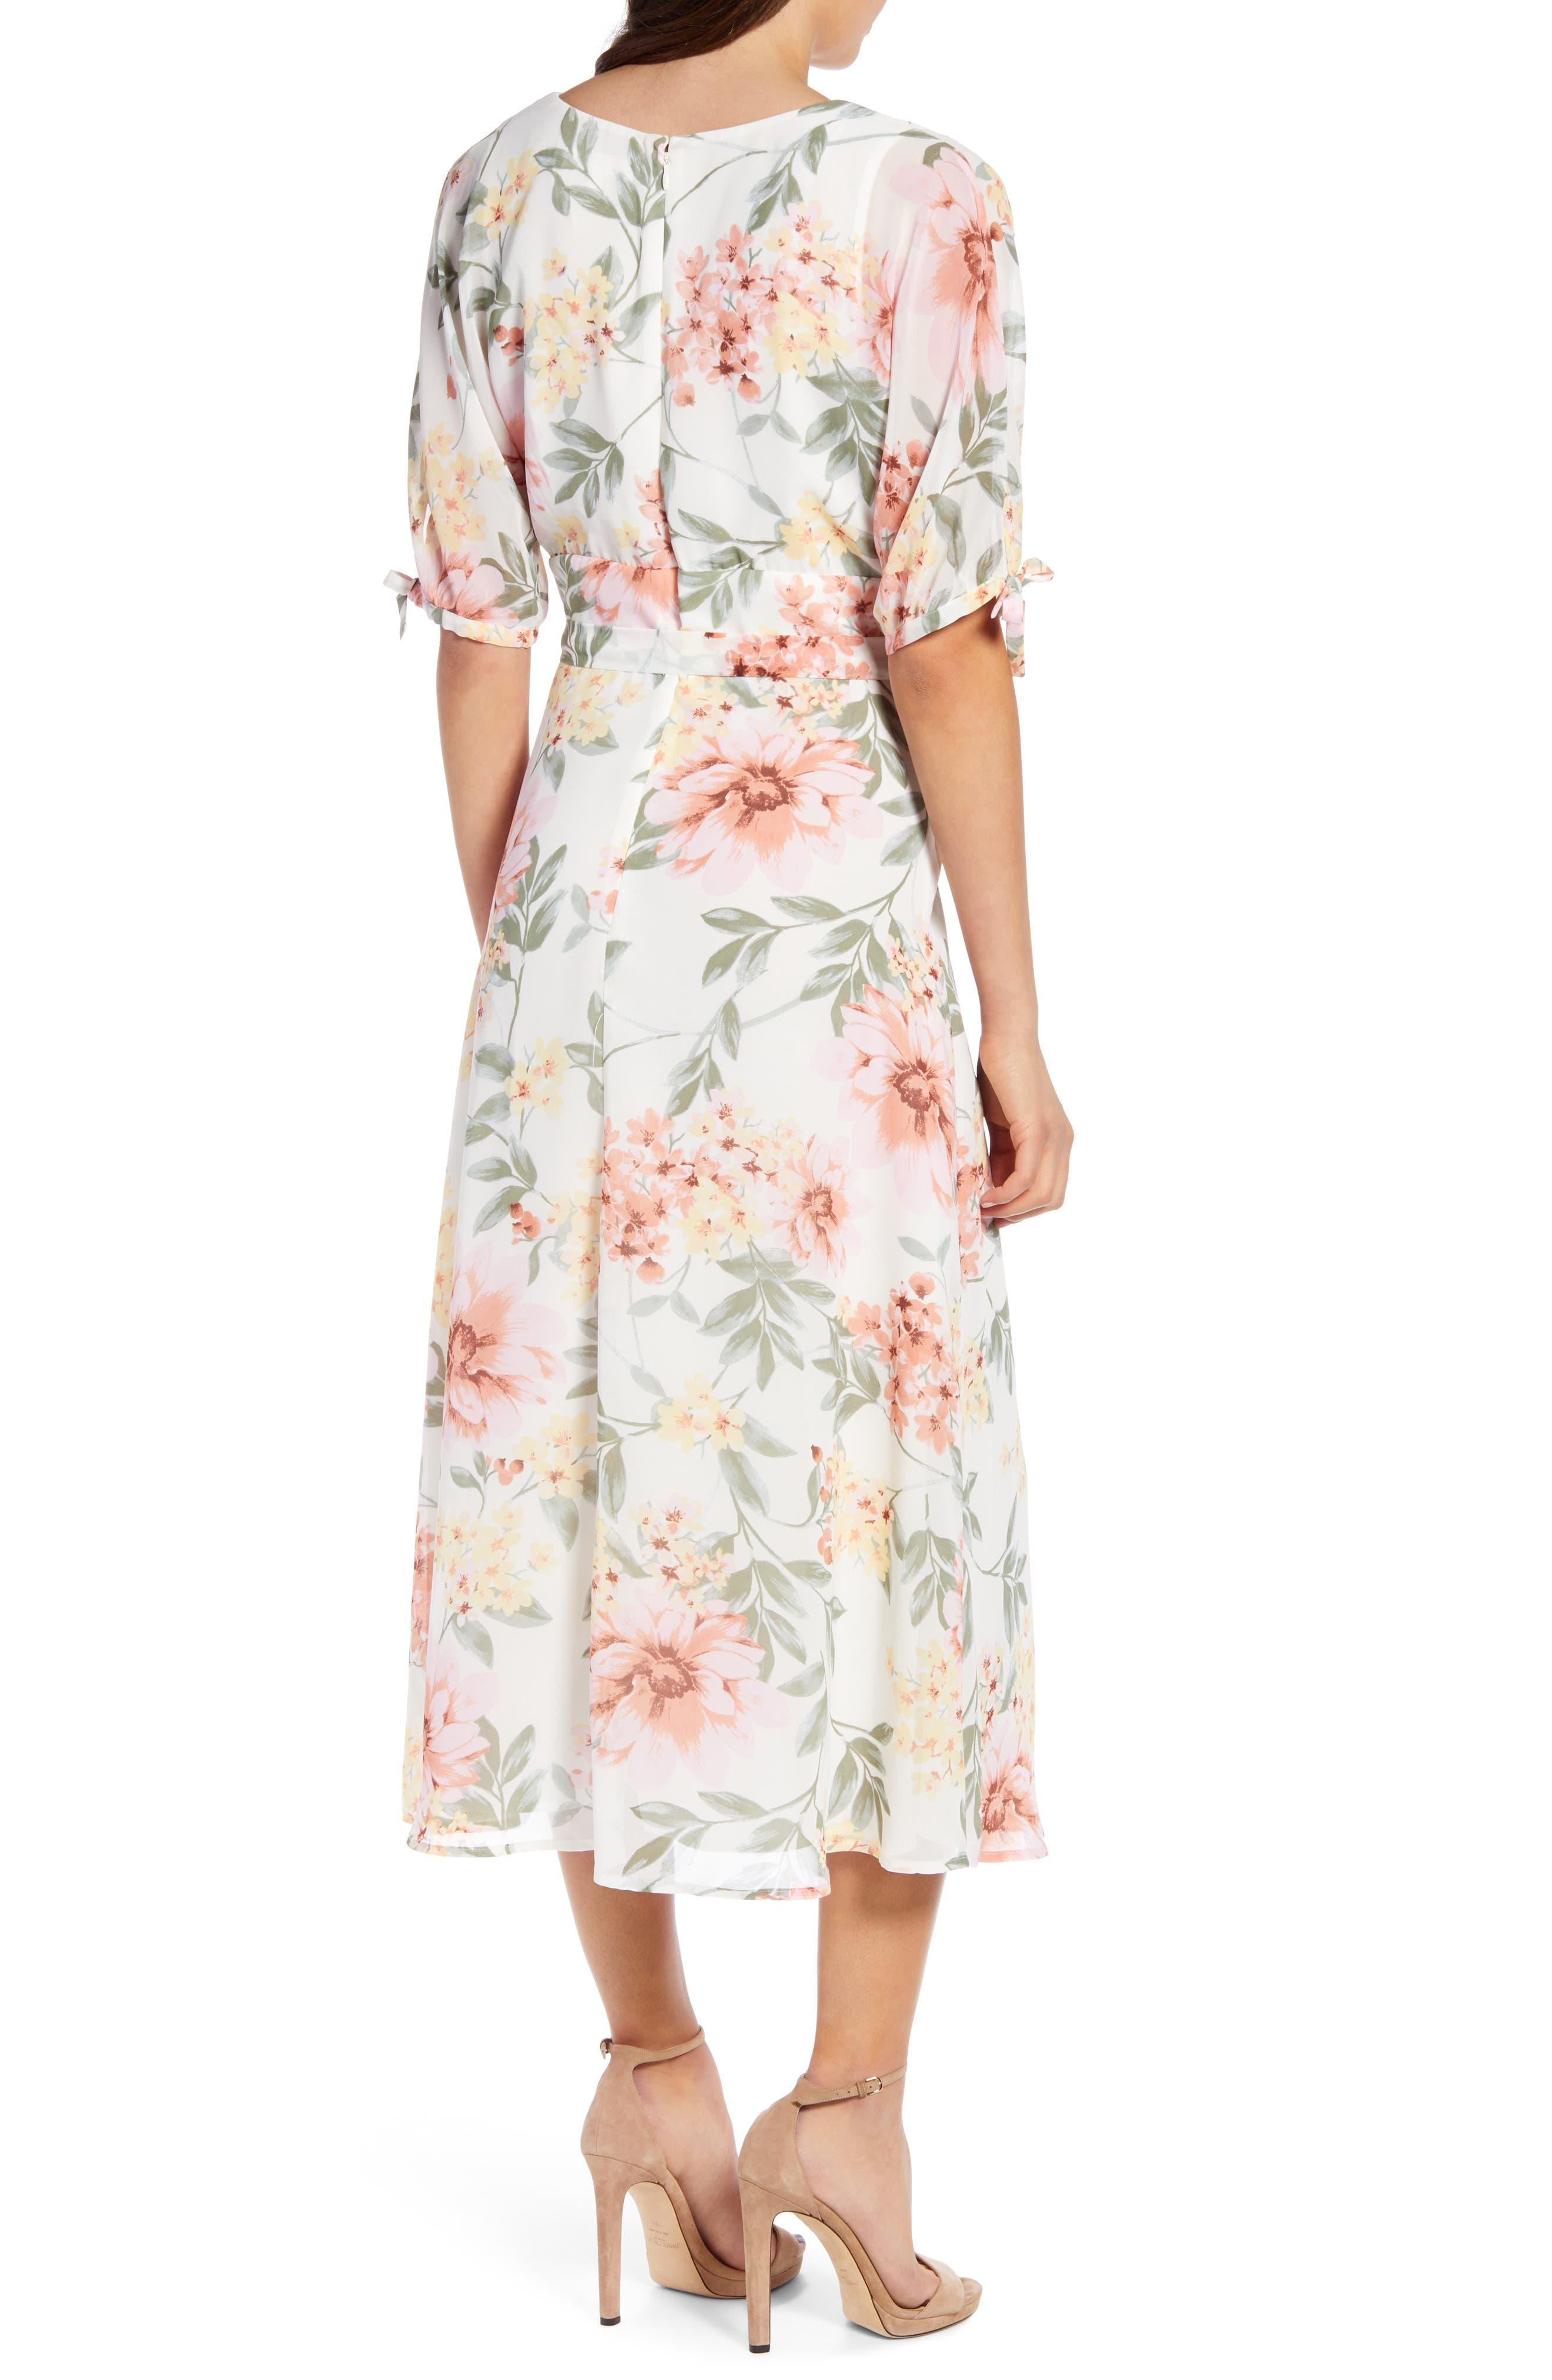 JUNE & HUDSON, Floral V-Neck Tie Front Dress, Alternate thumbnail 2, color, IVORY/ ROSE/ SAGE